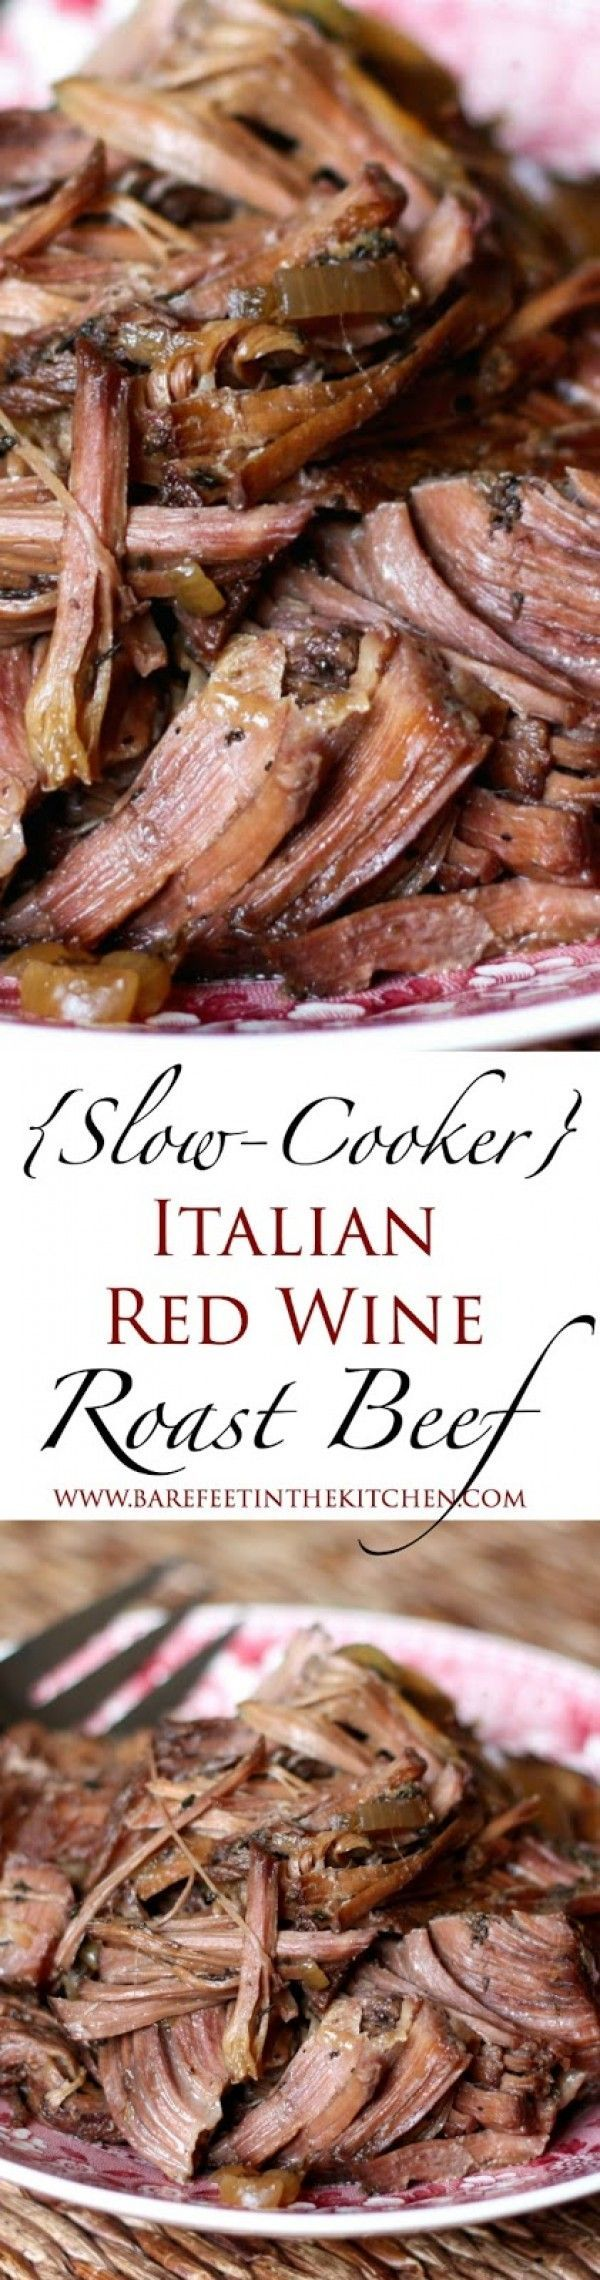 Get the recipe ♥ Slow Cooker Italian Red Wine Roast Beef @istandarddesign